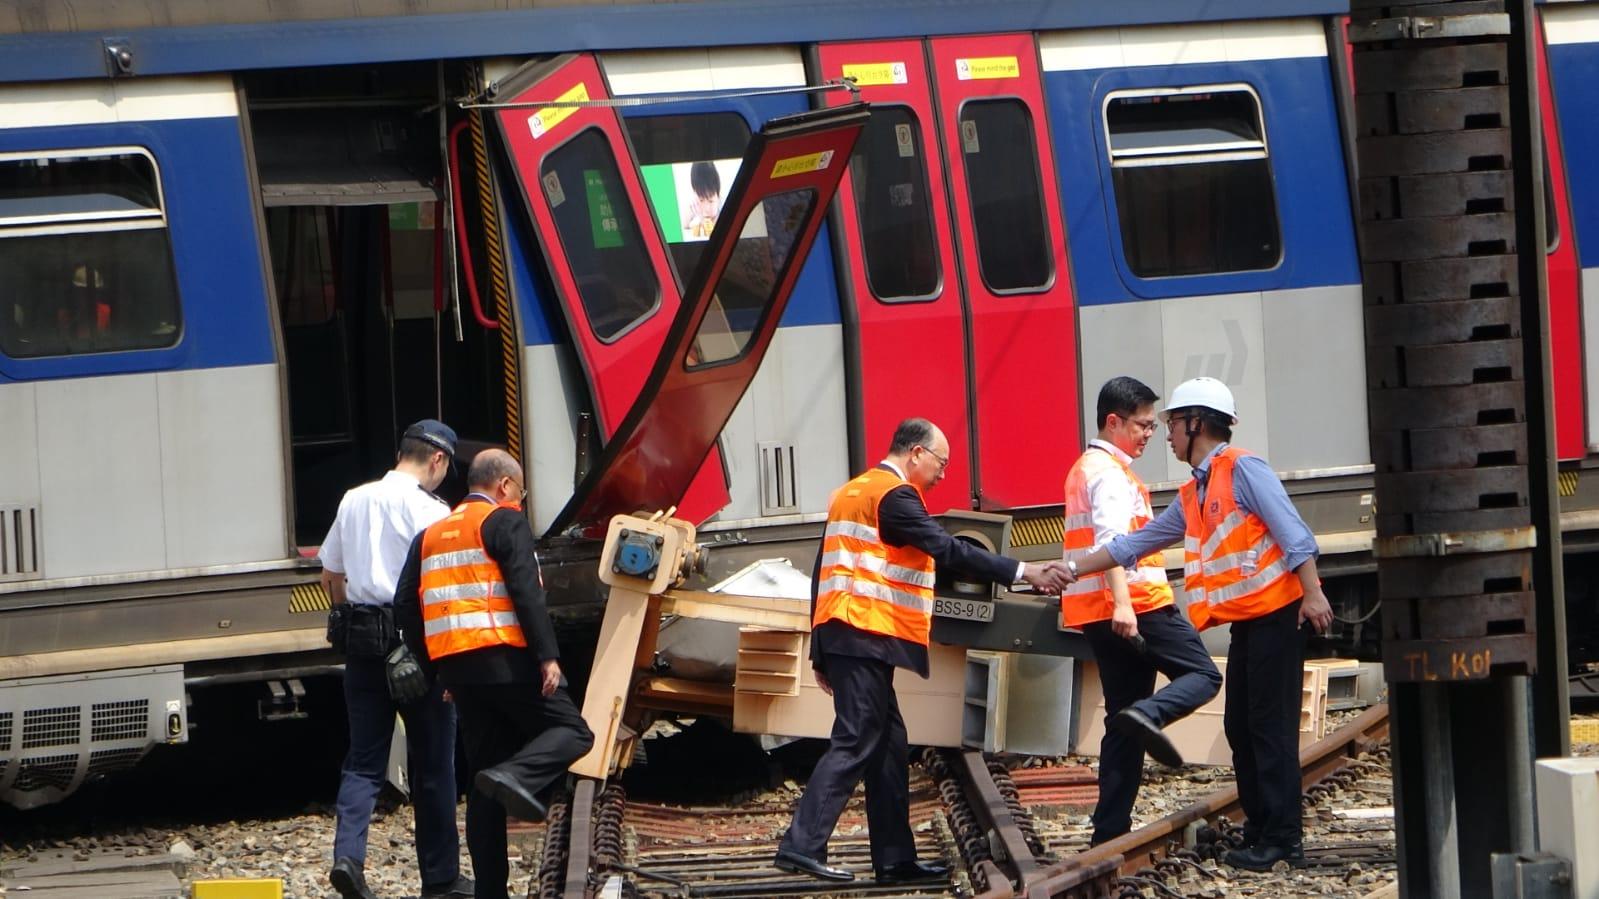 【港铁出轨】至少8名乘客不适 1男4女需送院